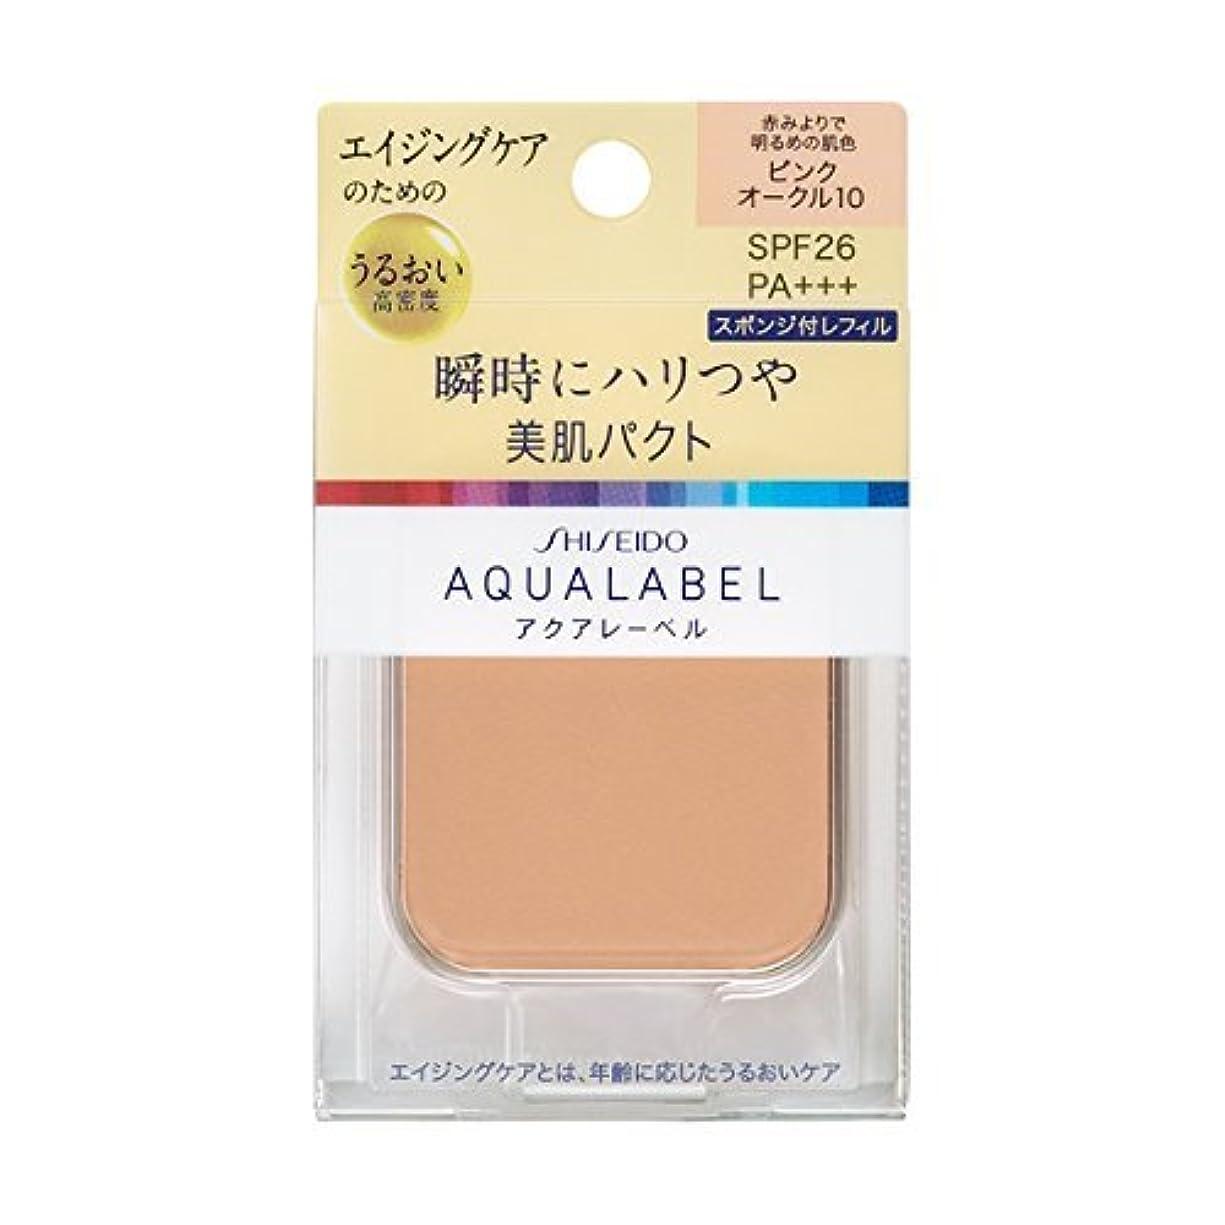 打ち負かす生じる懸念アクアレーベル 明るいつや肌パクト ピンクオークル10 (レフィル) 11.5g×6個